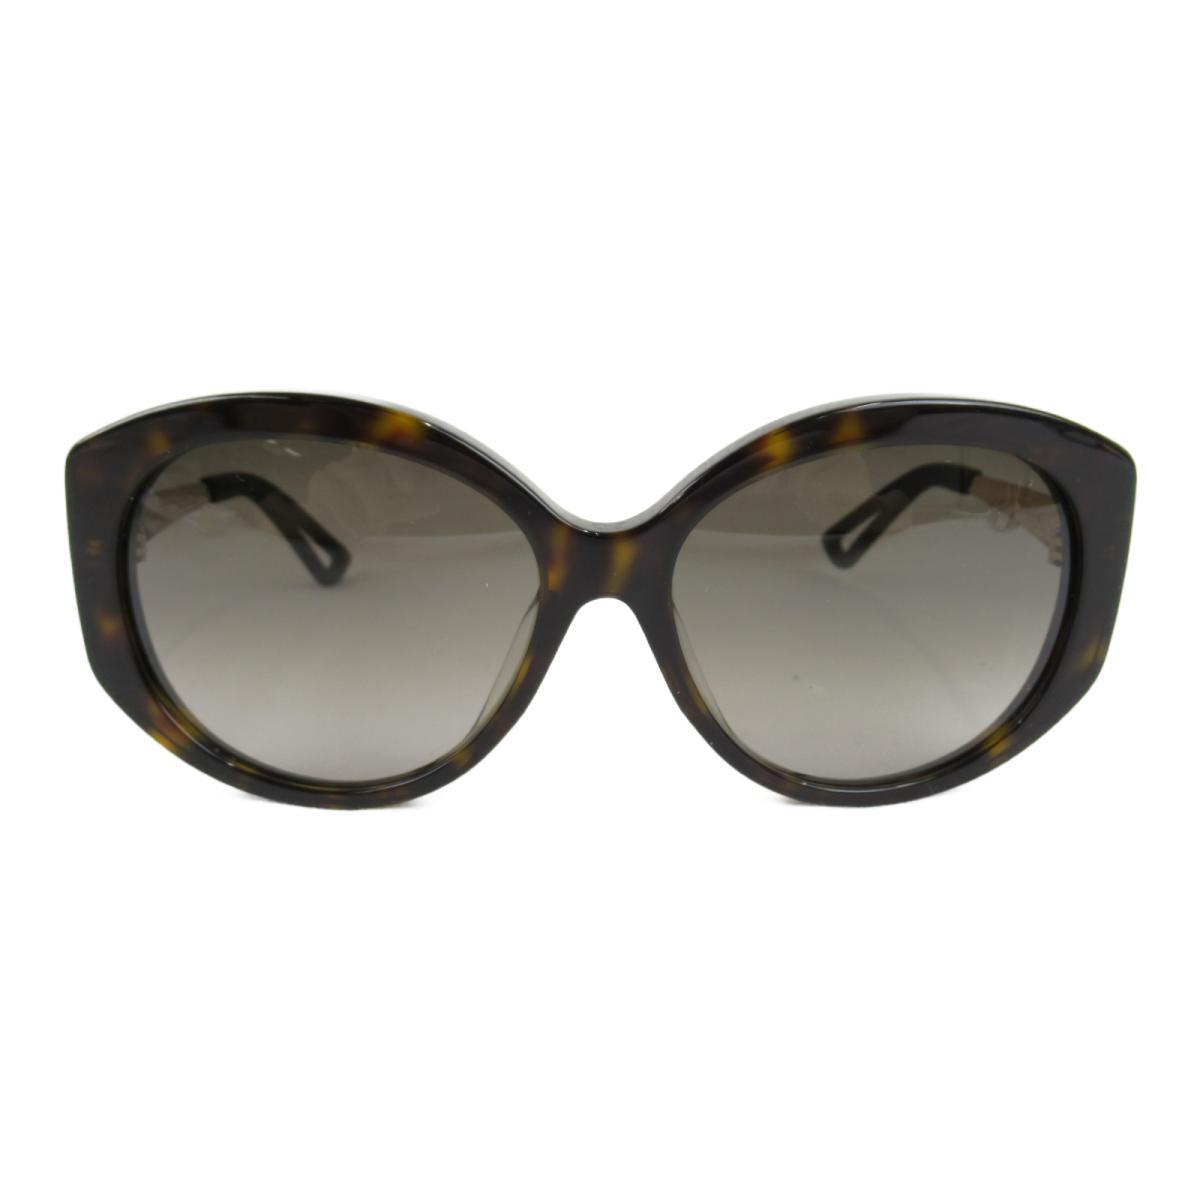 クリスチャン・ディオール サングラス アクセサリー メンズ レディース フレーム・テンプル・レンズ:アセテート ブラック x ブラウン ゴールド (EXTASE/F QSH/HA) | Dior BRANDOFF ブランドオフ ブランド ブランド雑貨 小物 雑貨 眼鏡 メガネ めがね